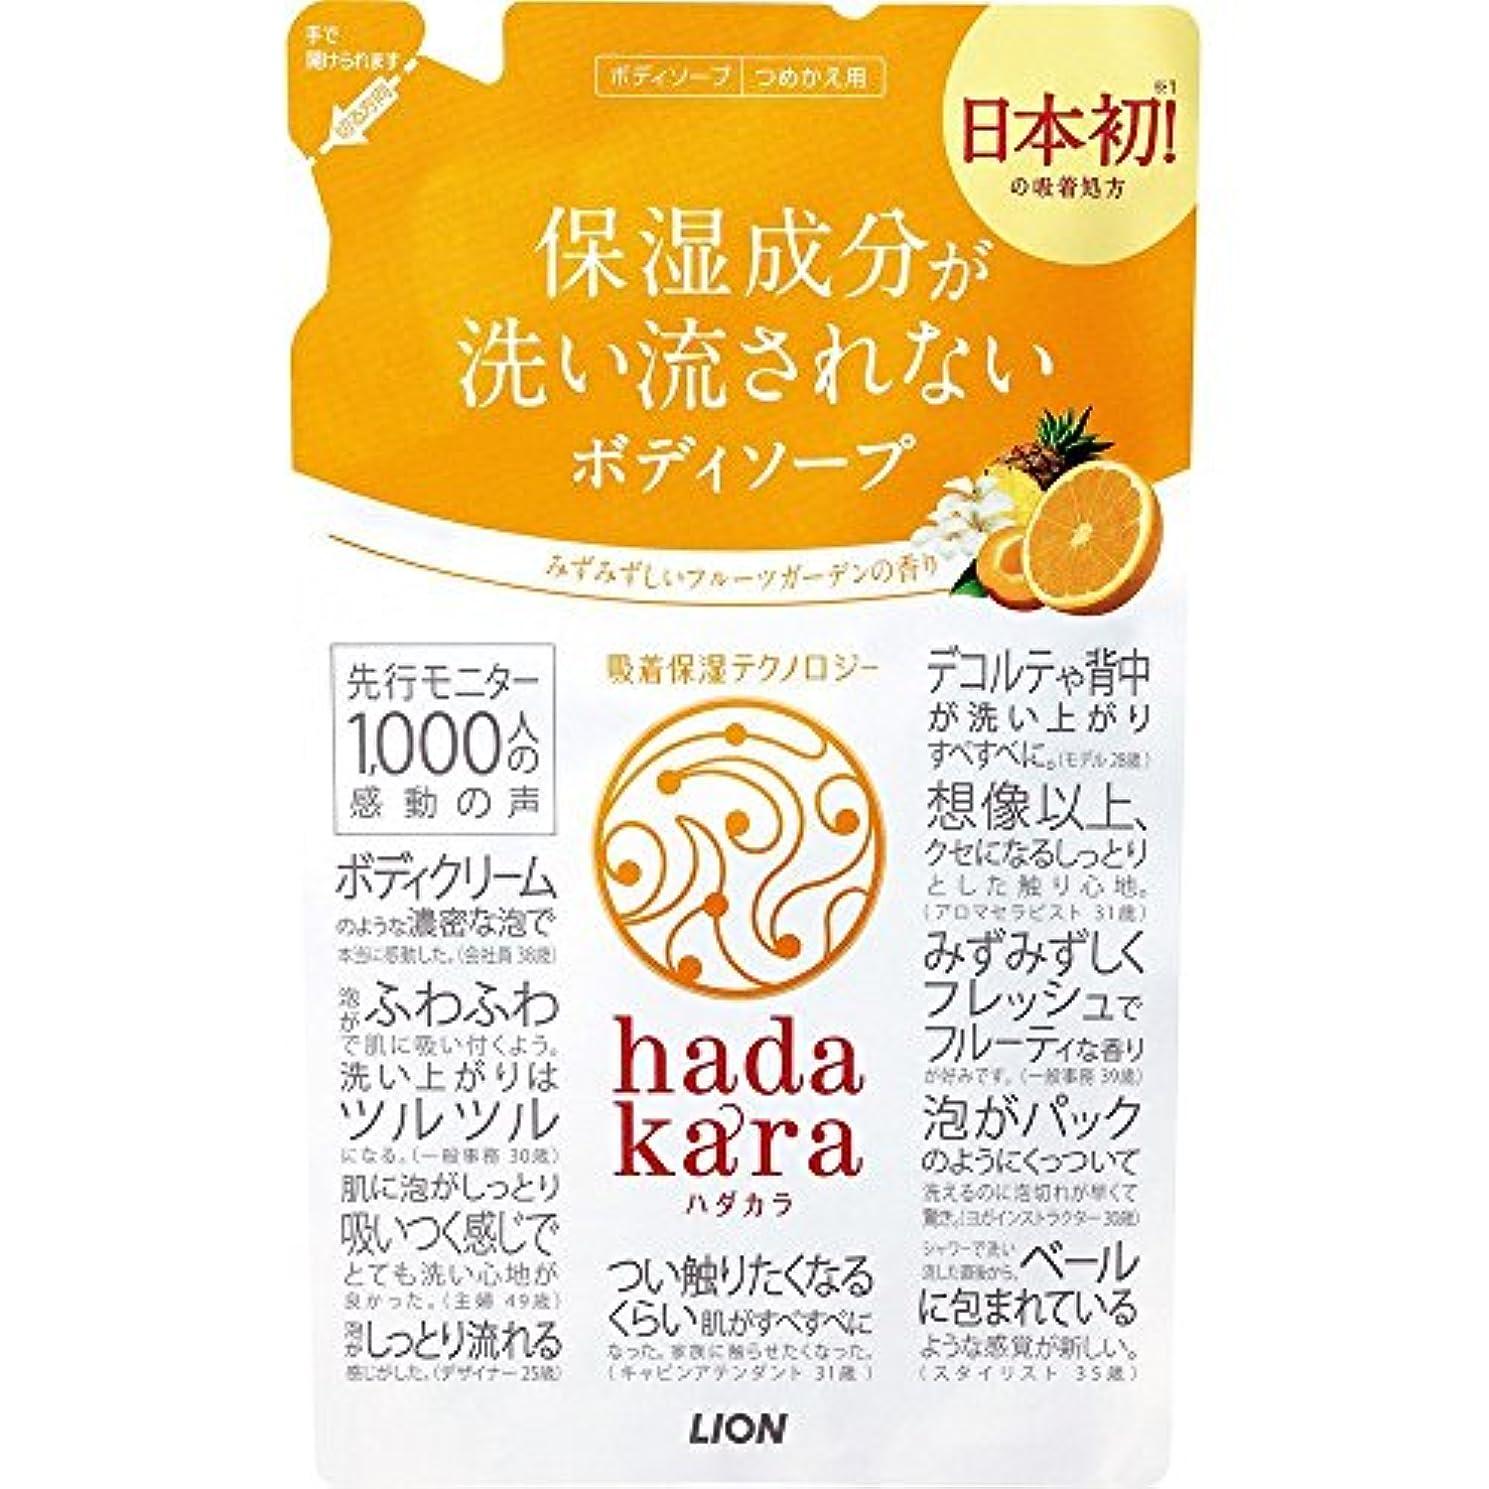 男やもめ硫黄余暇hadakara(ハダカラ) ボディソープ フルーツガーデンの香り 詰め替え 360ml